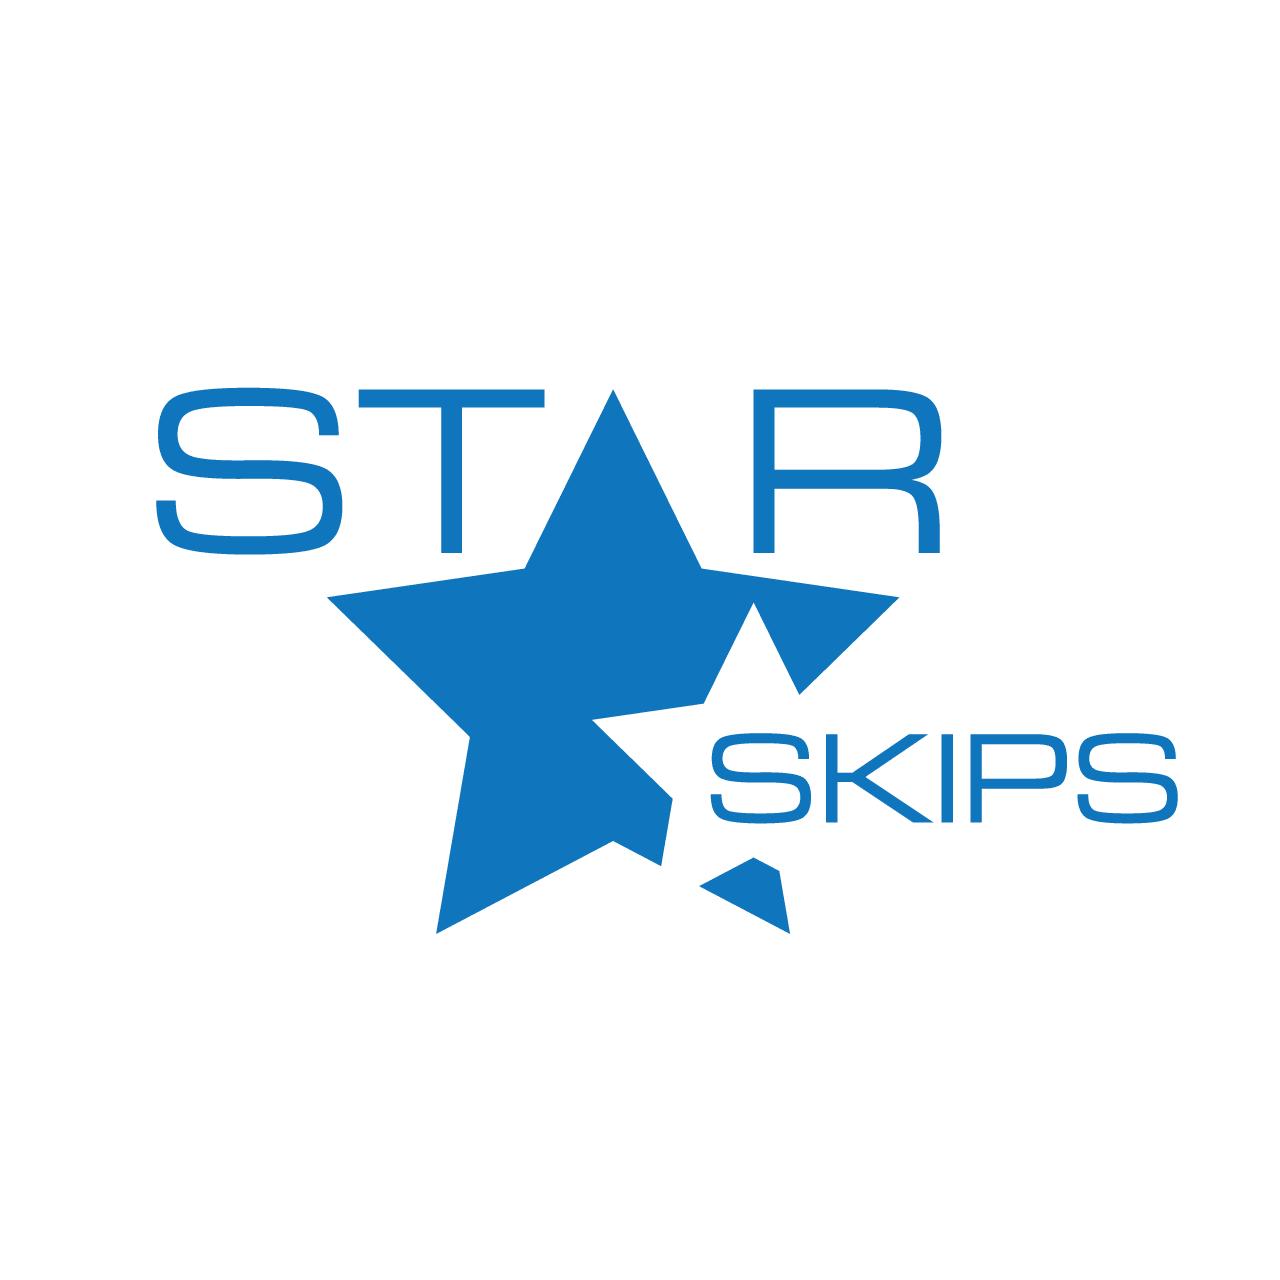 Star Skips Ltd